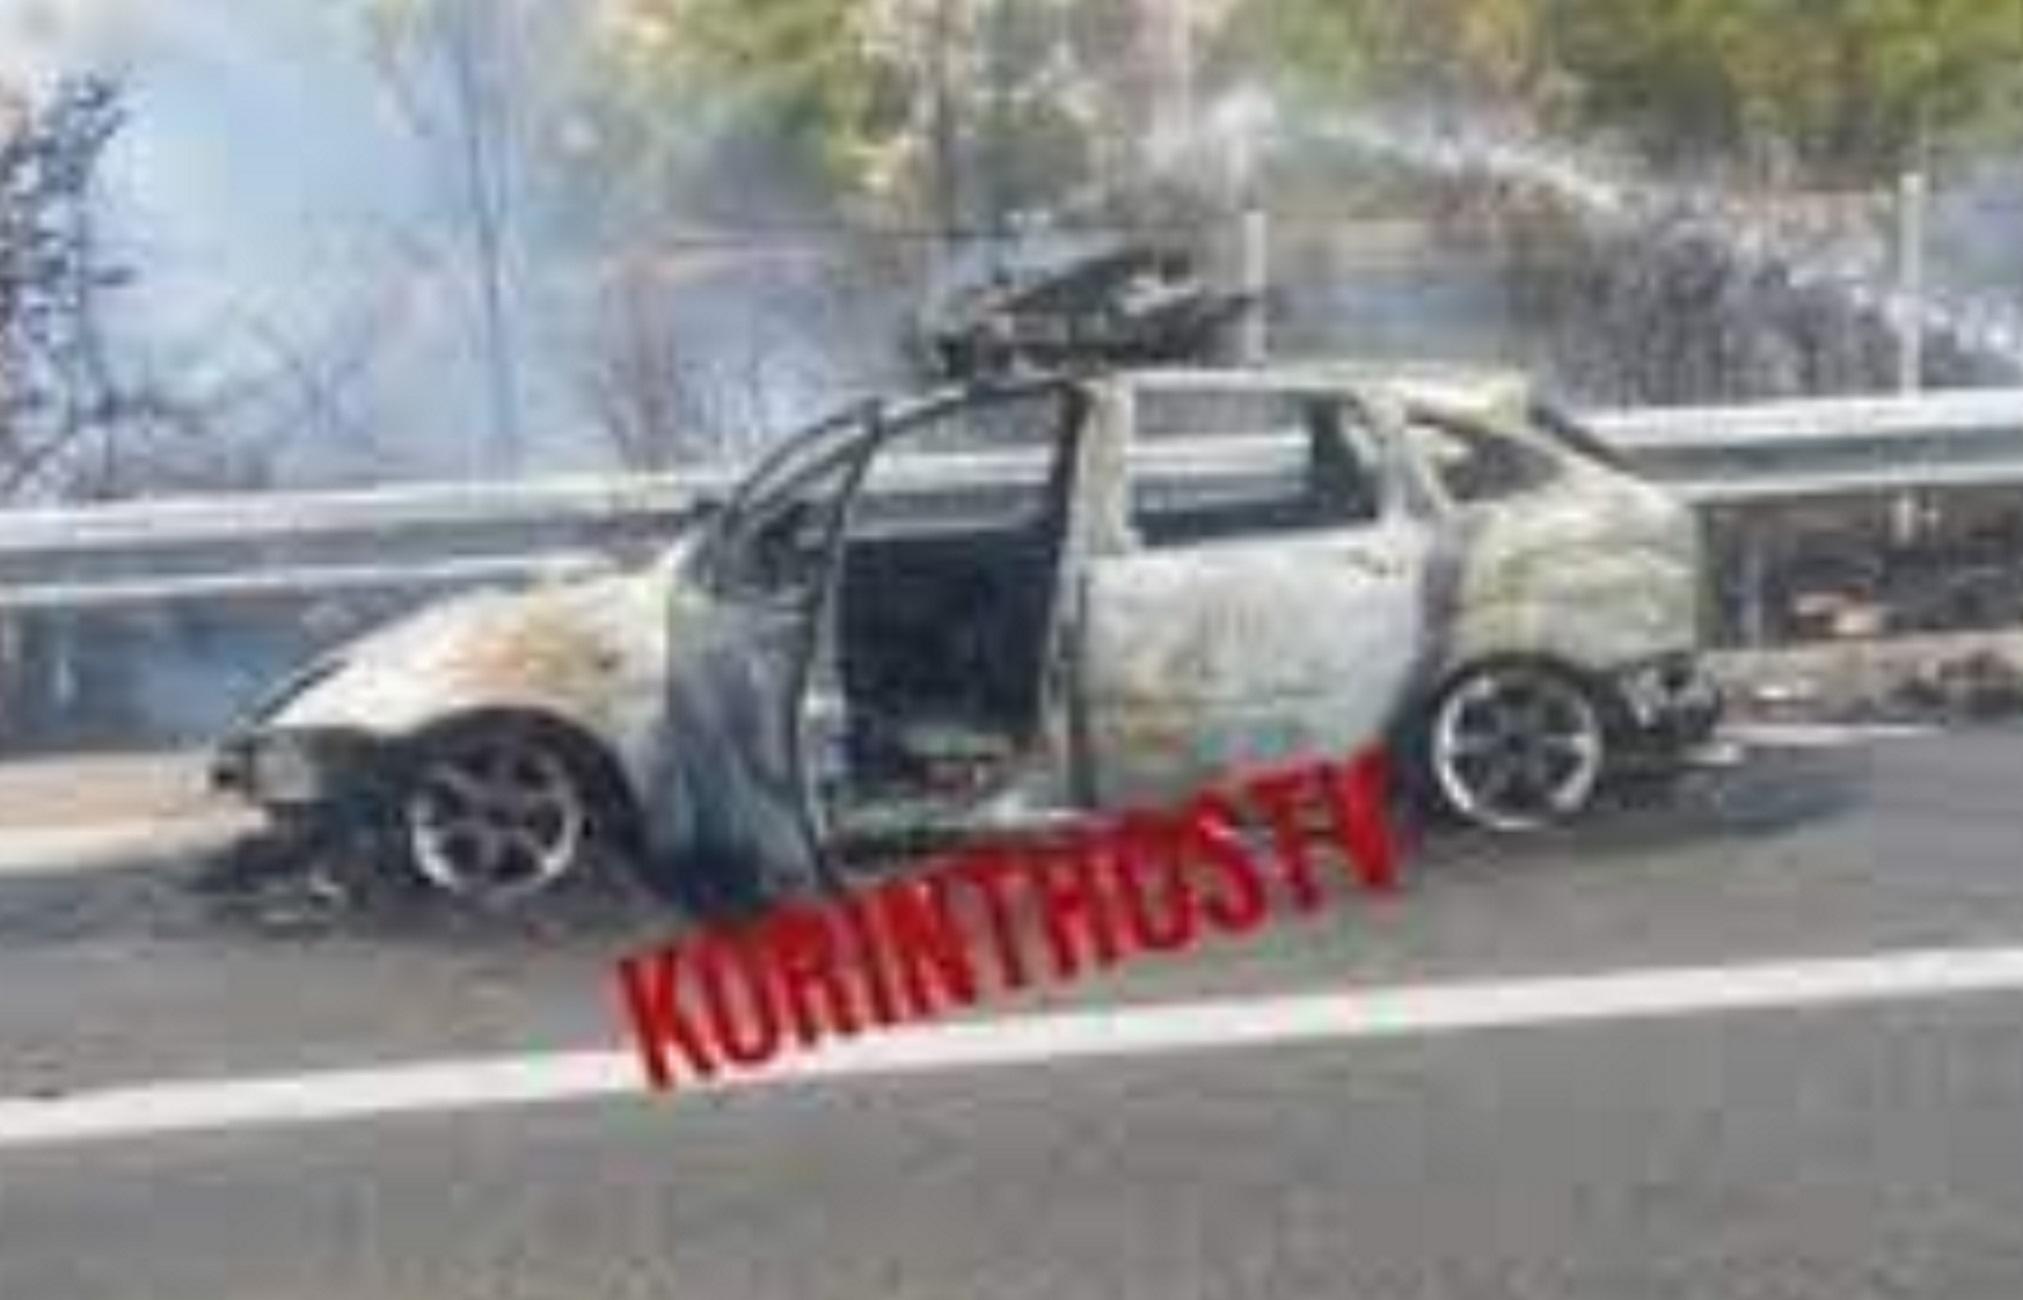 Κόρινθος: Αυτό είναι το αυτοκίνητο που άρπαξε φωτιά εν κινήσει στην εθνική οδό – Σώθηκε ο οδηγός του